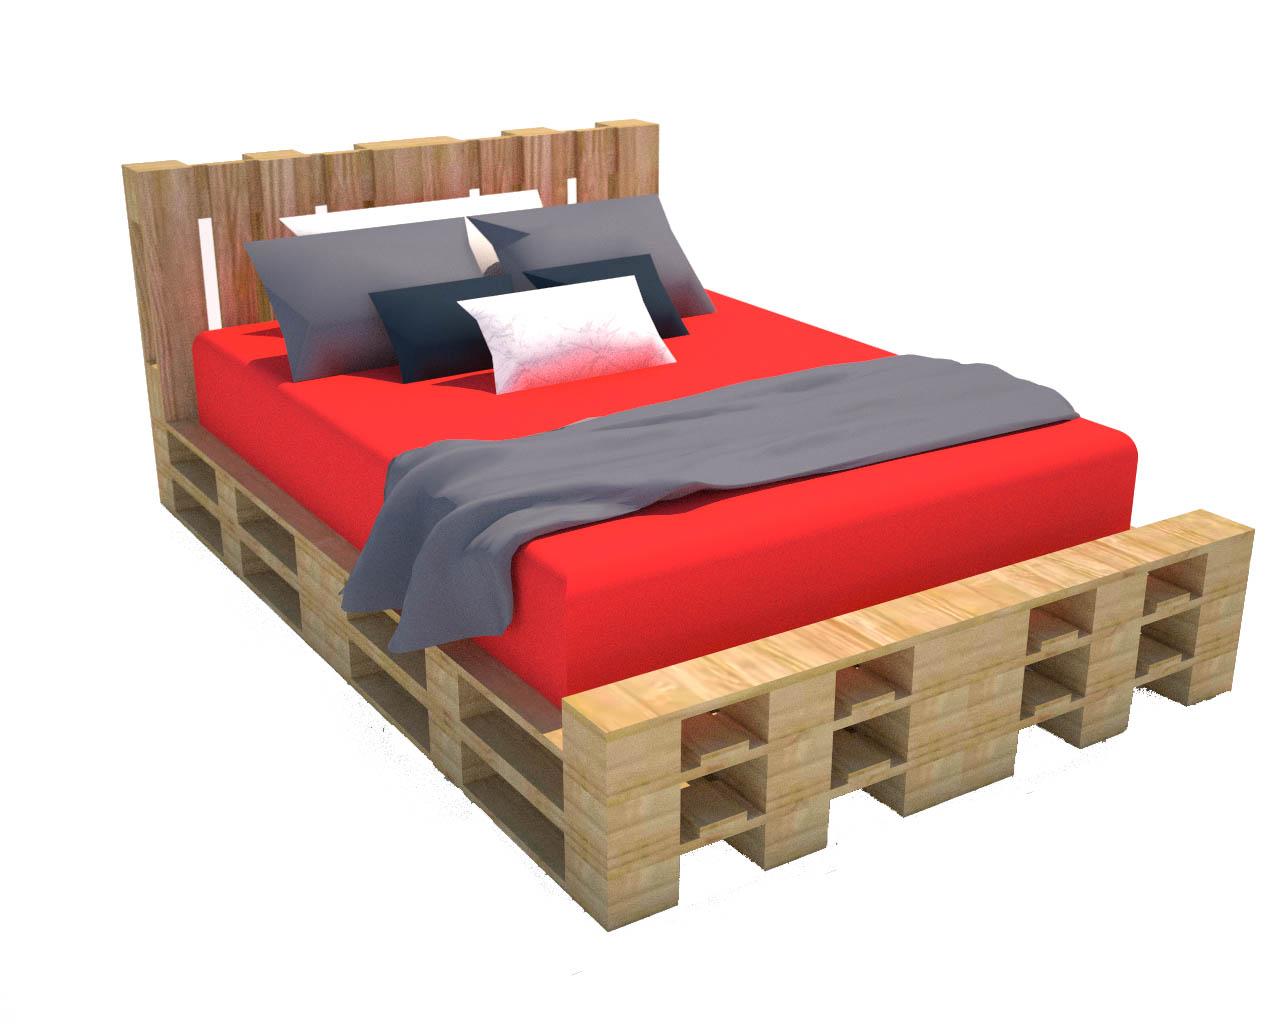 Progettare con i pallet come costruire un letto for Testiera letto pallet